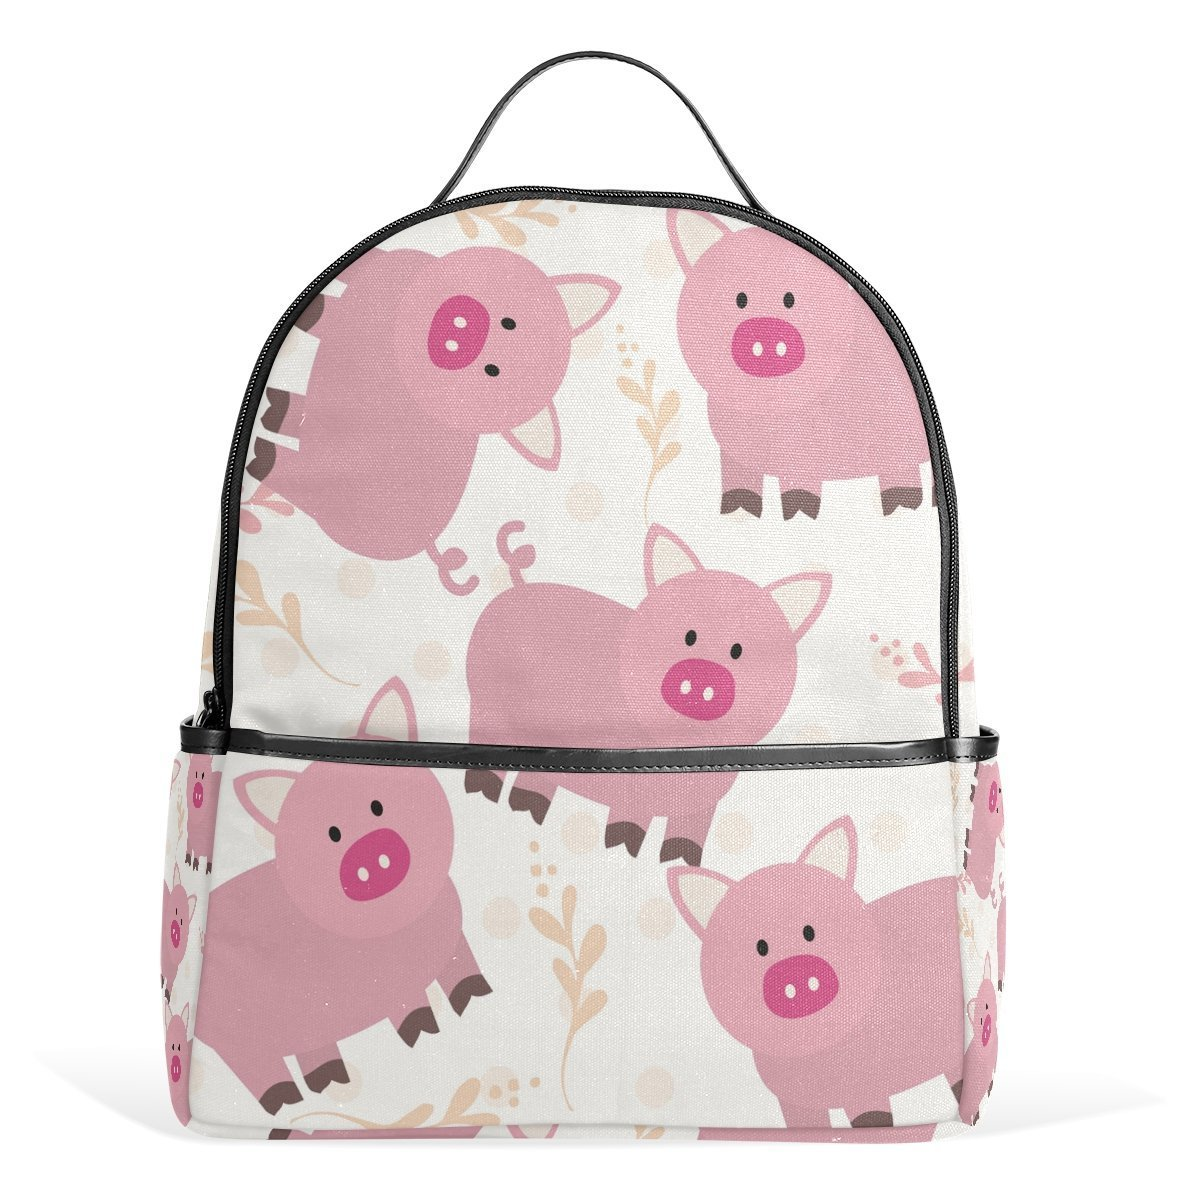 スクールバックパック ピンクの豚 トラベルバッグ ティーンエイジャー用 男の子 女の子   B07G34PJGT